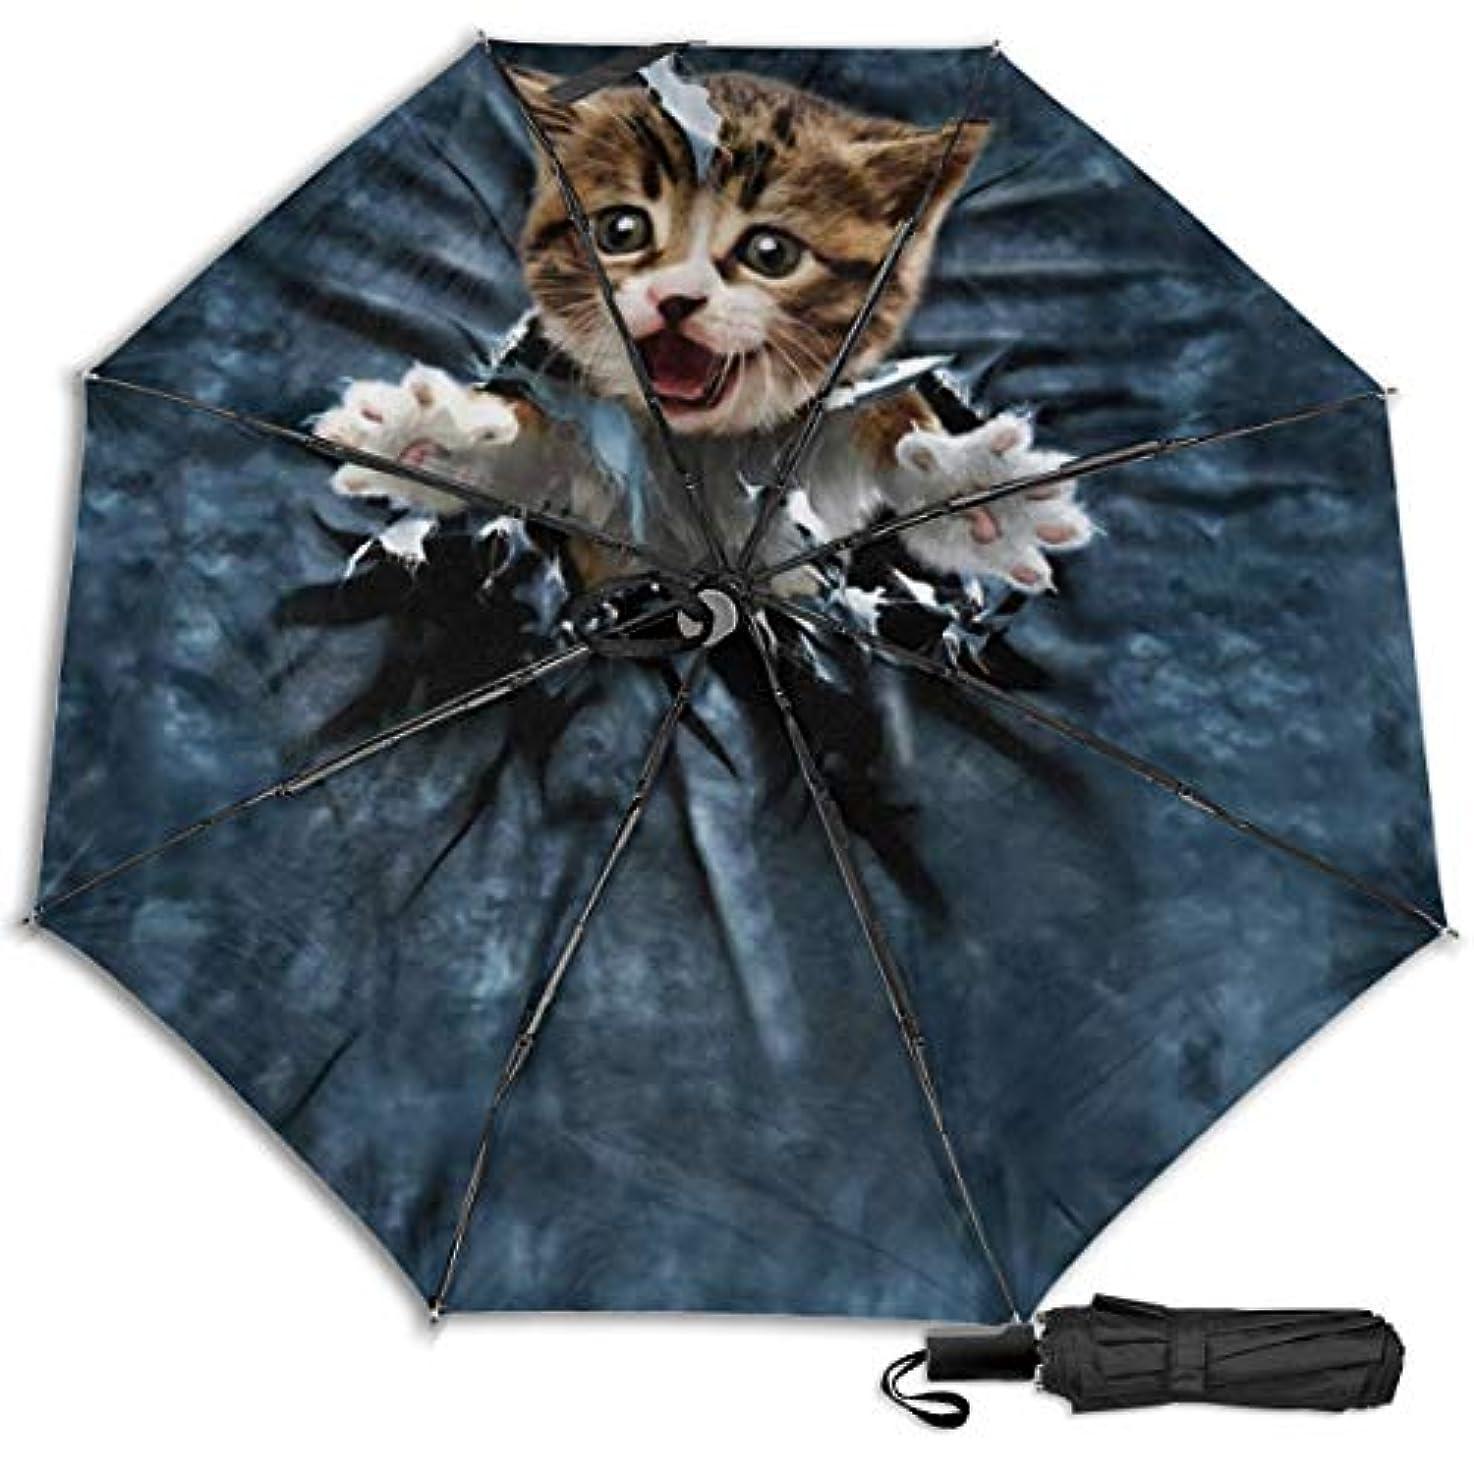 大洪水預言者グラマー面白い猫柄日傘 折りたたみ日傘 折り畳み日傘 超軽量 遮光率100% UVカット率99.9% UPF50+ 紫外線対策 遮熱効果 晴雨兼用 携帯便利 耐風撥水 手動 男女兼用